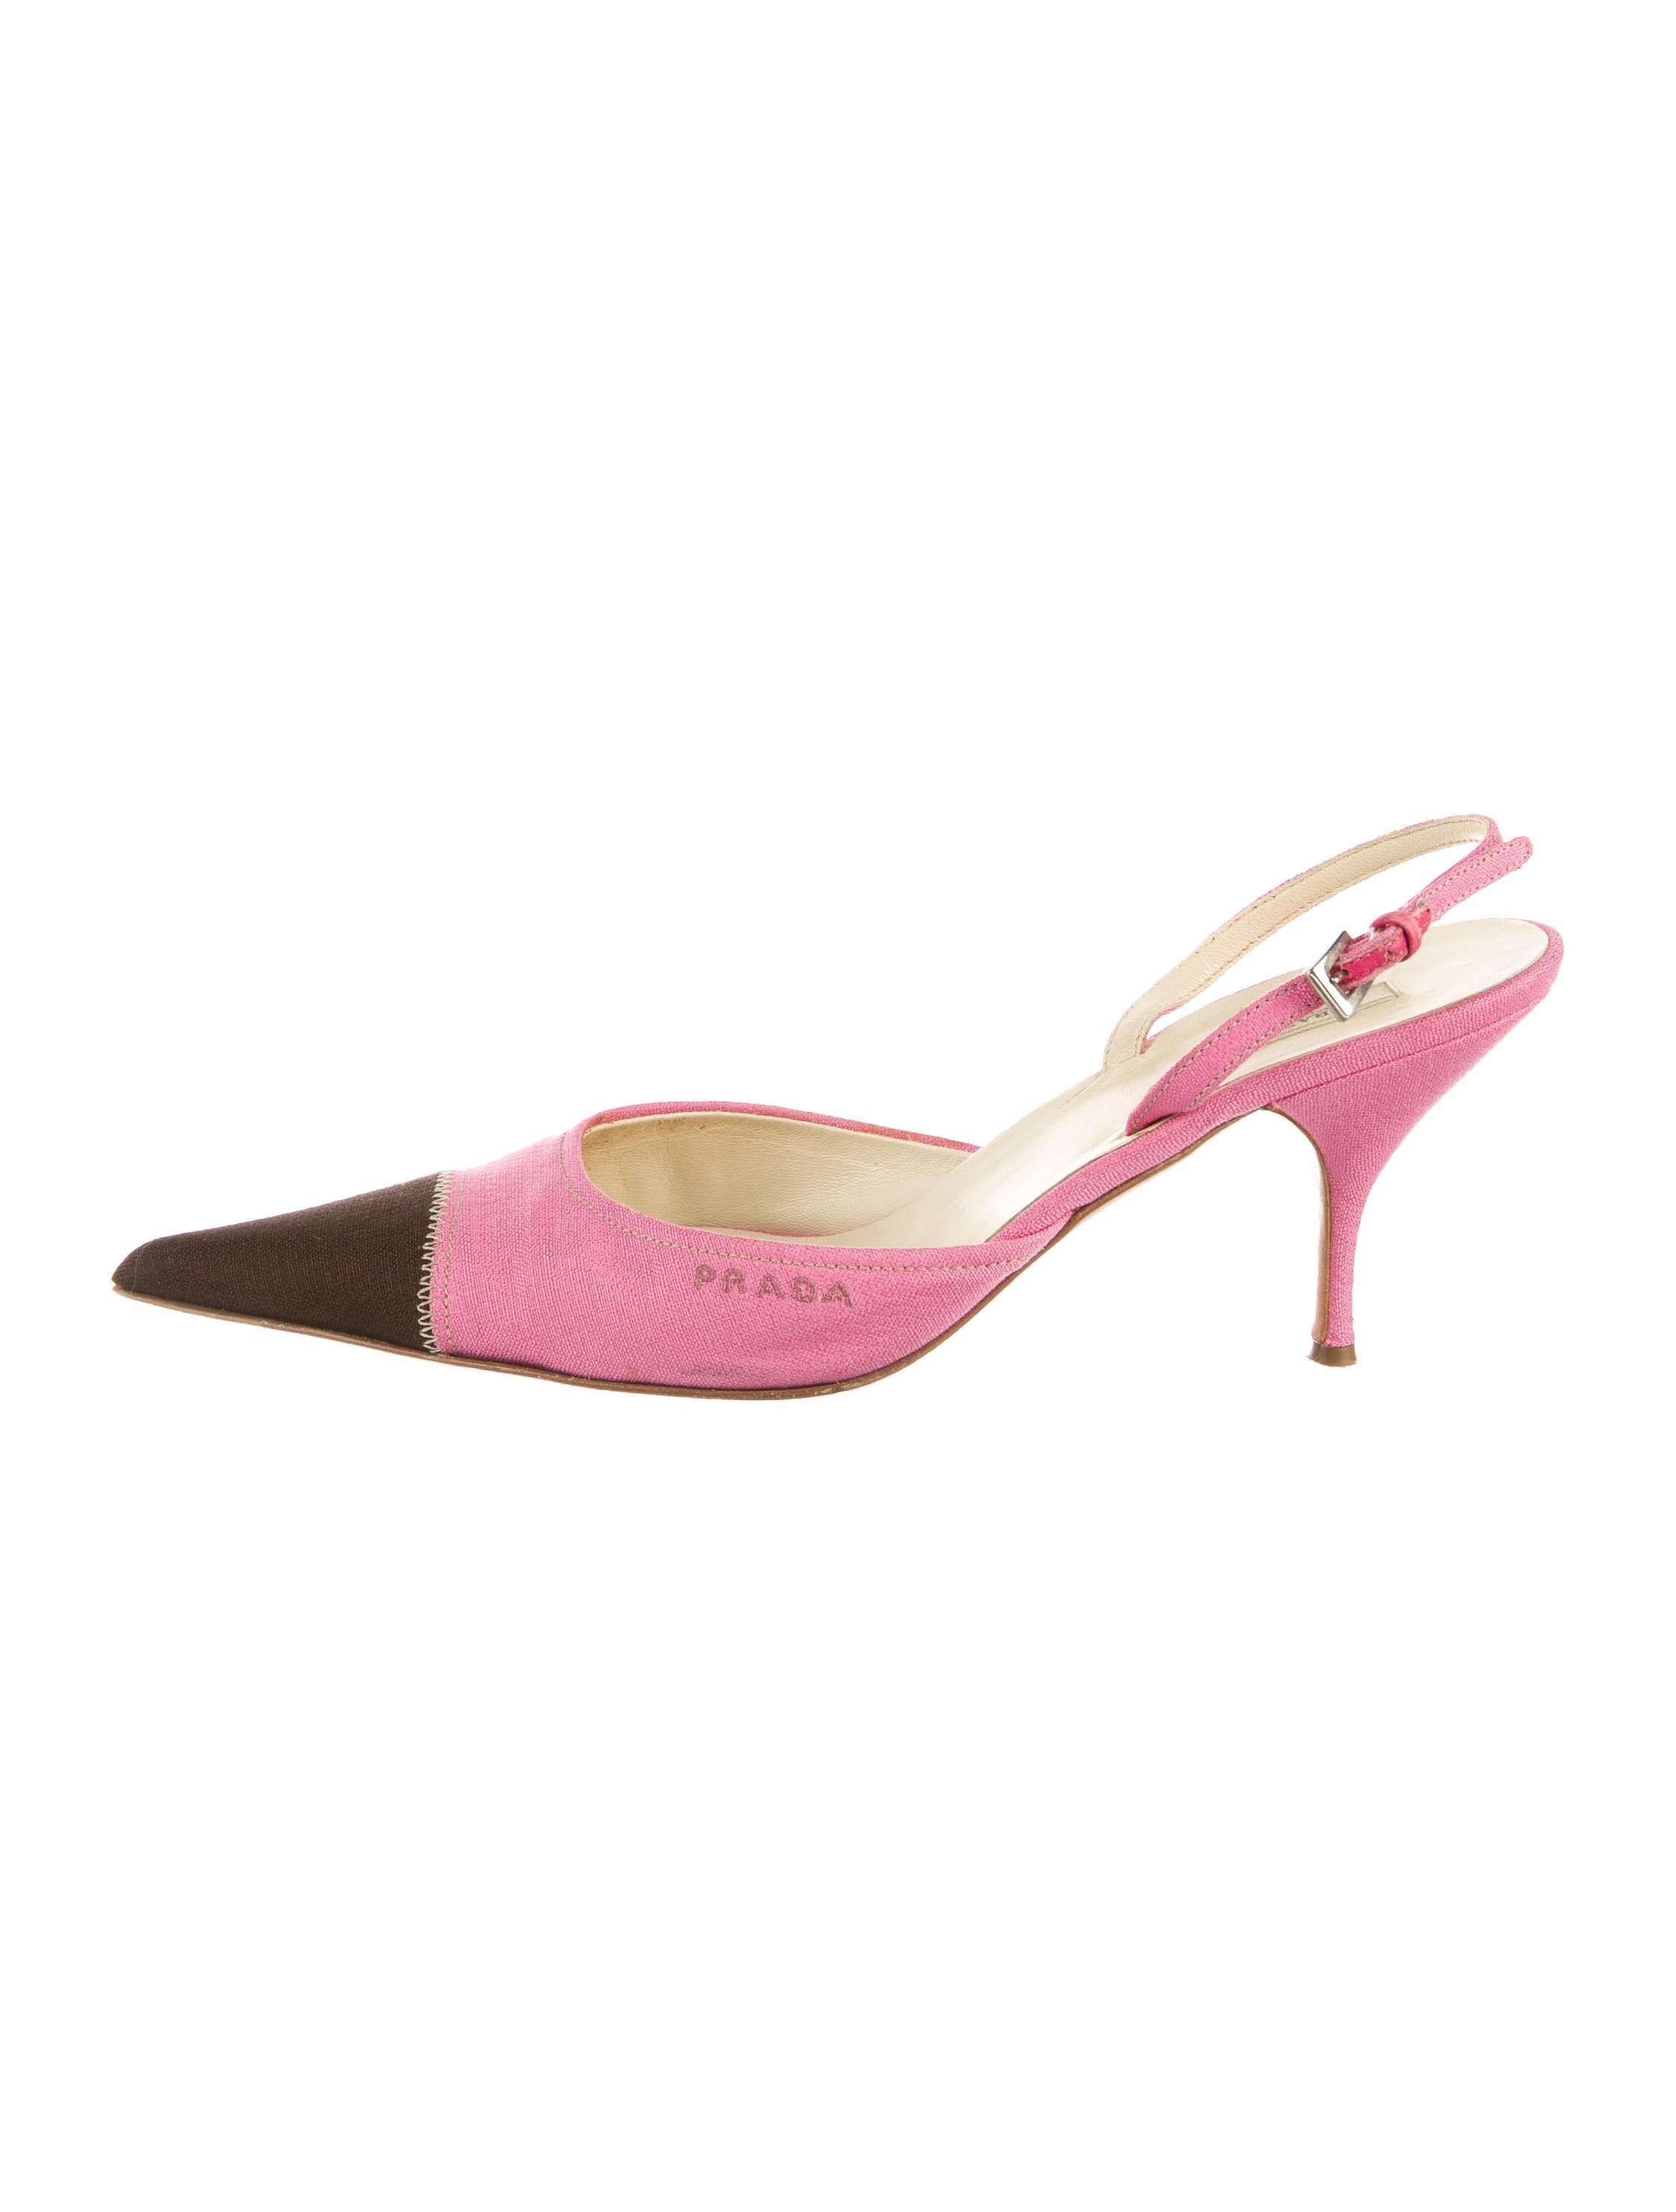 e412985445 Prada Cap-Toe Slingback Pumps - Shoes - PRA186795 | The RealReal